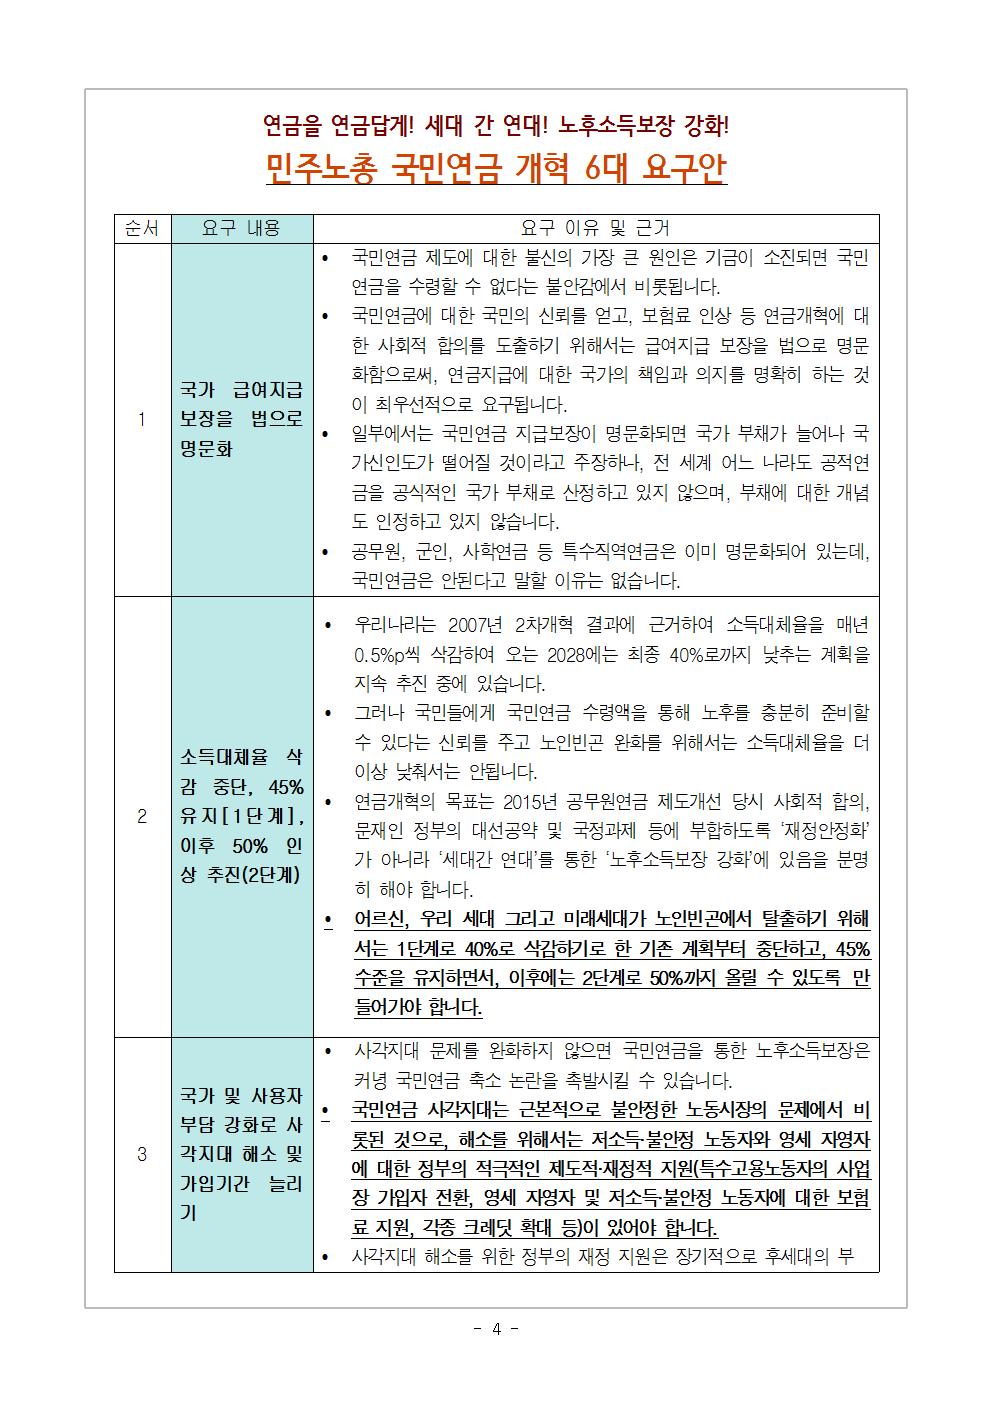 [2018 교육지-10] 국민연금 개혁 6대 요구안004.png